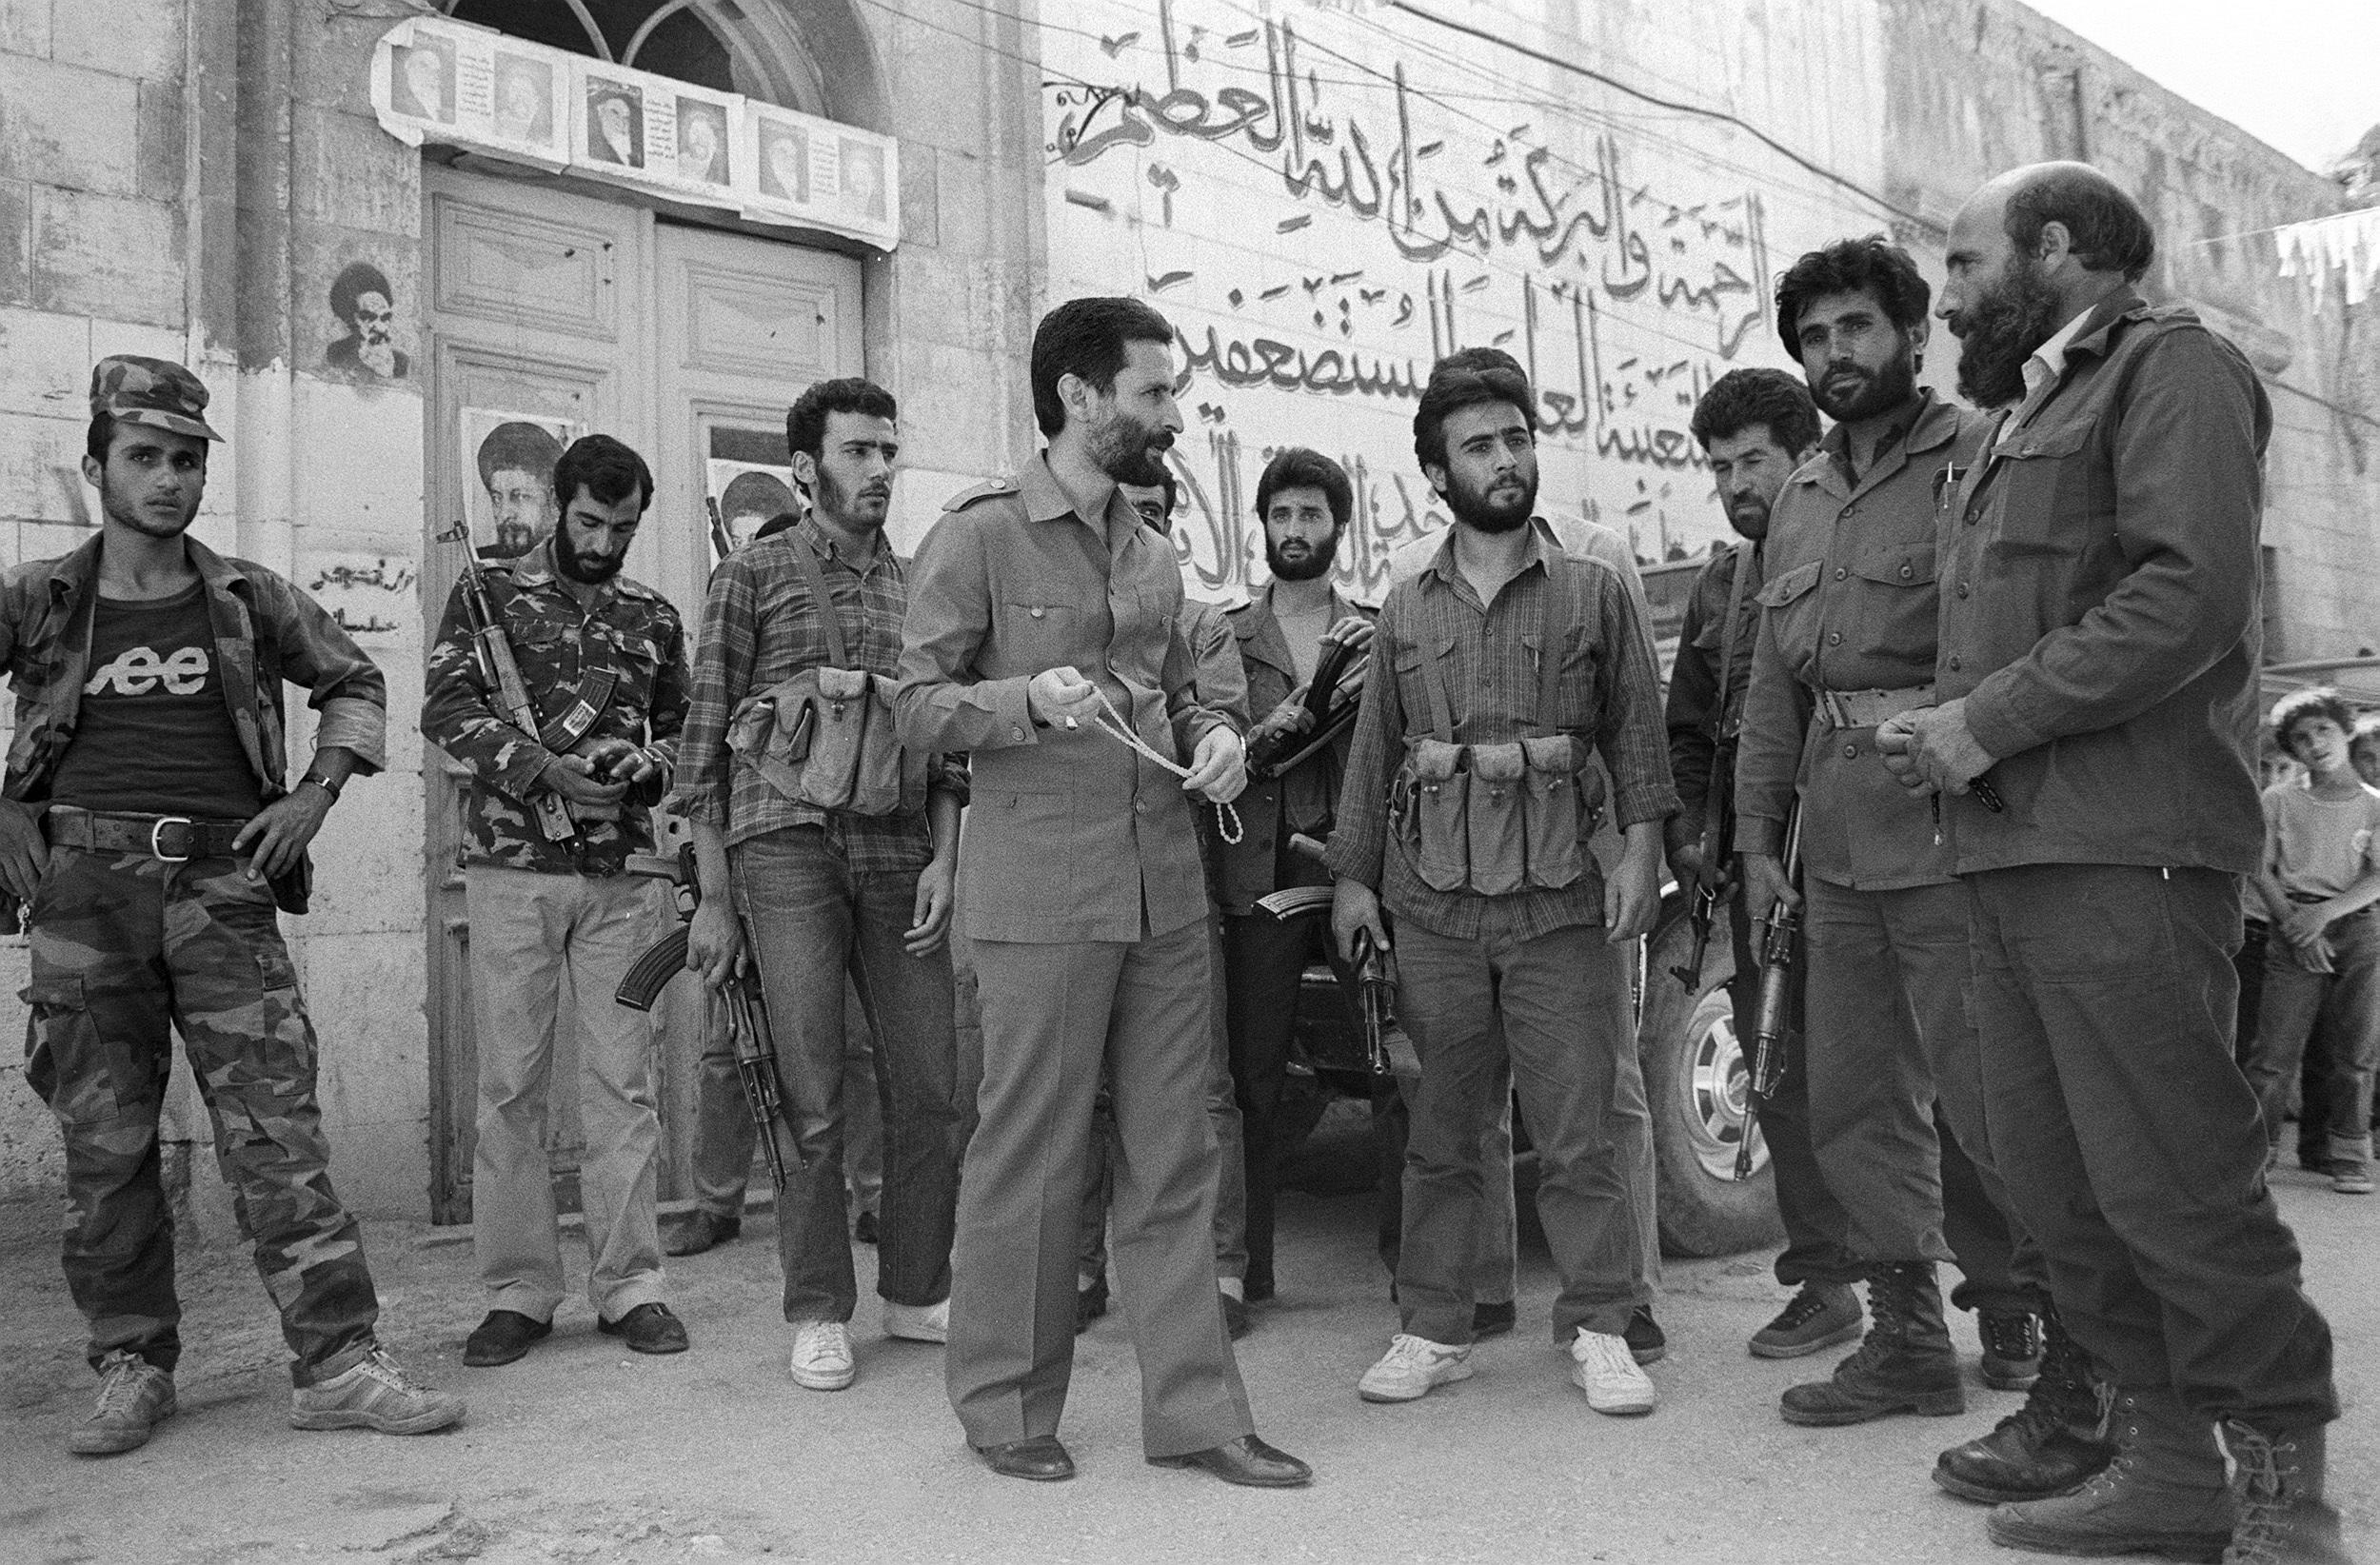 عباس الموسوي مع مسلحين من حزب الله.